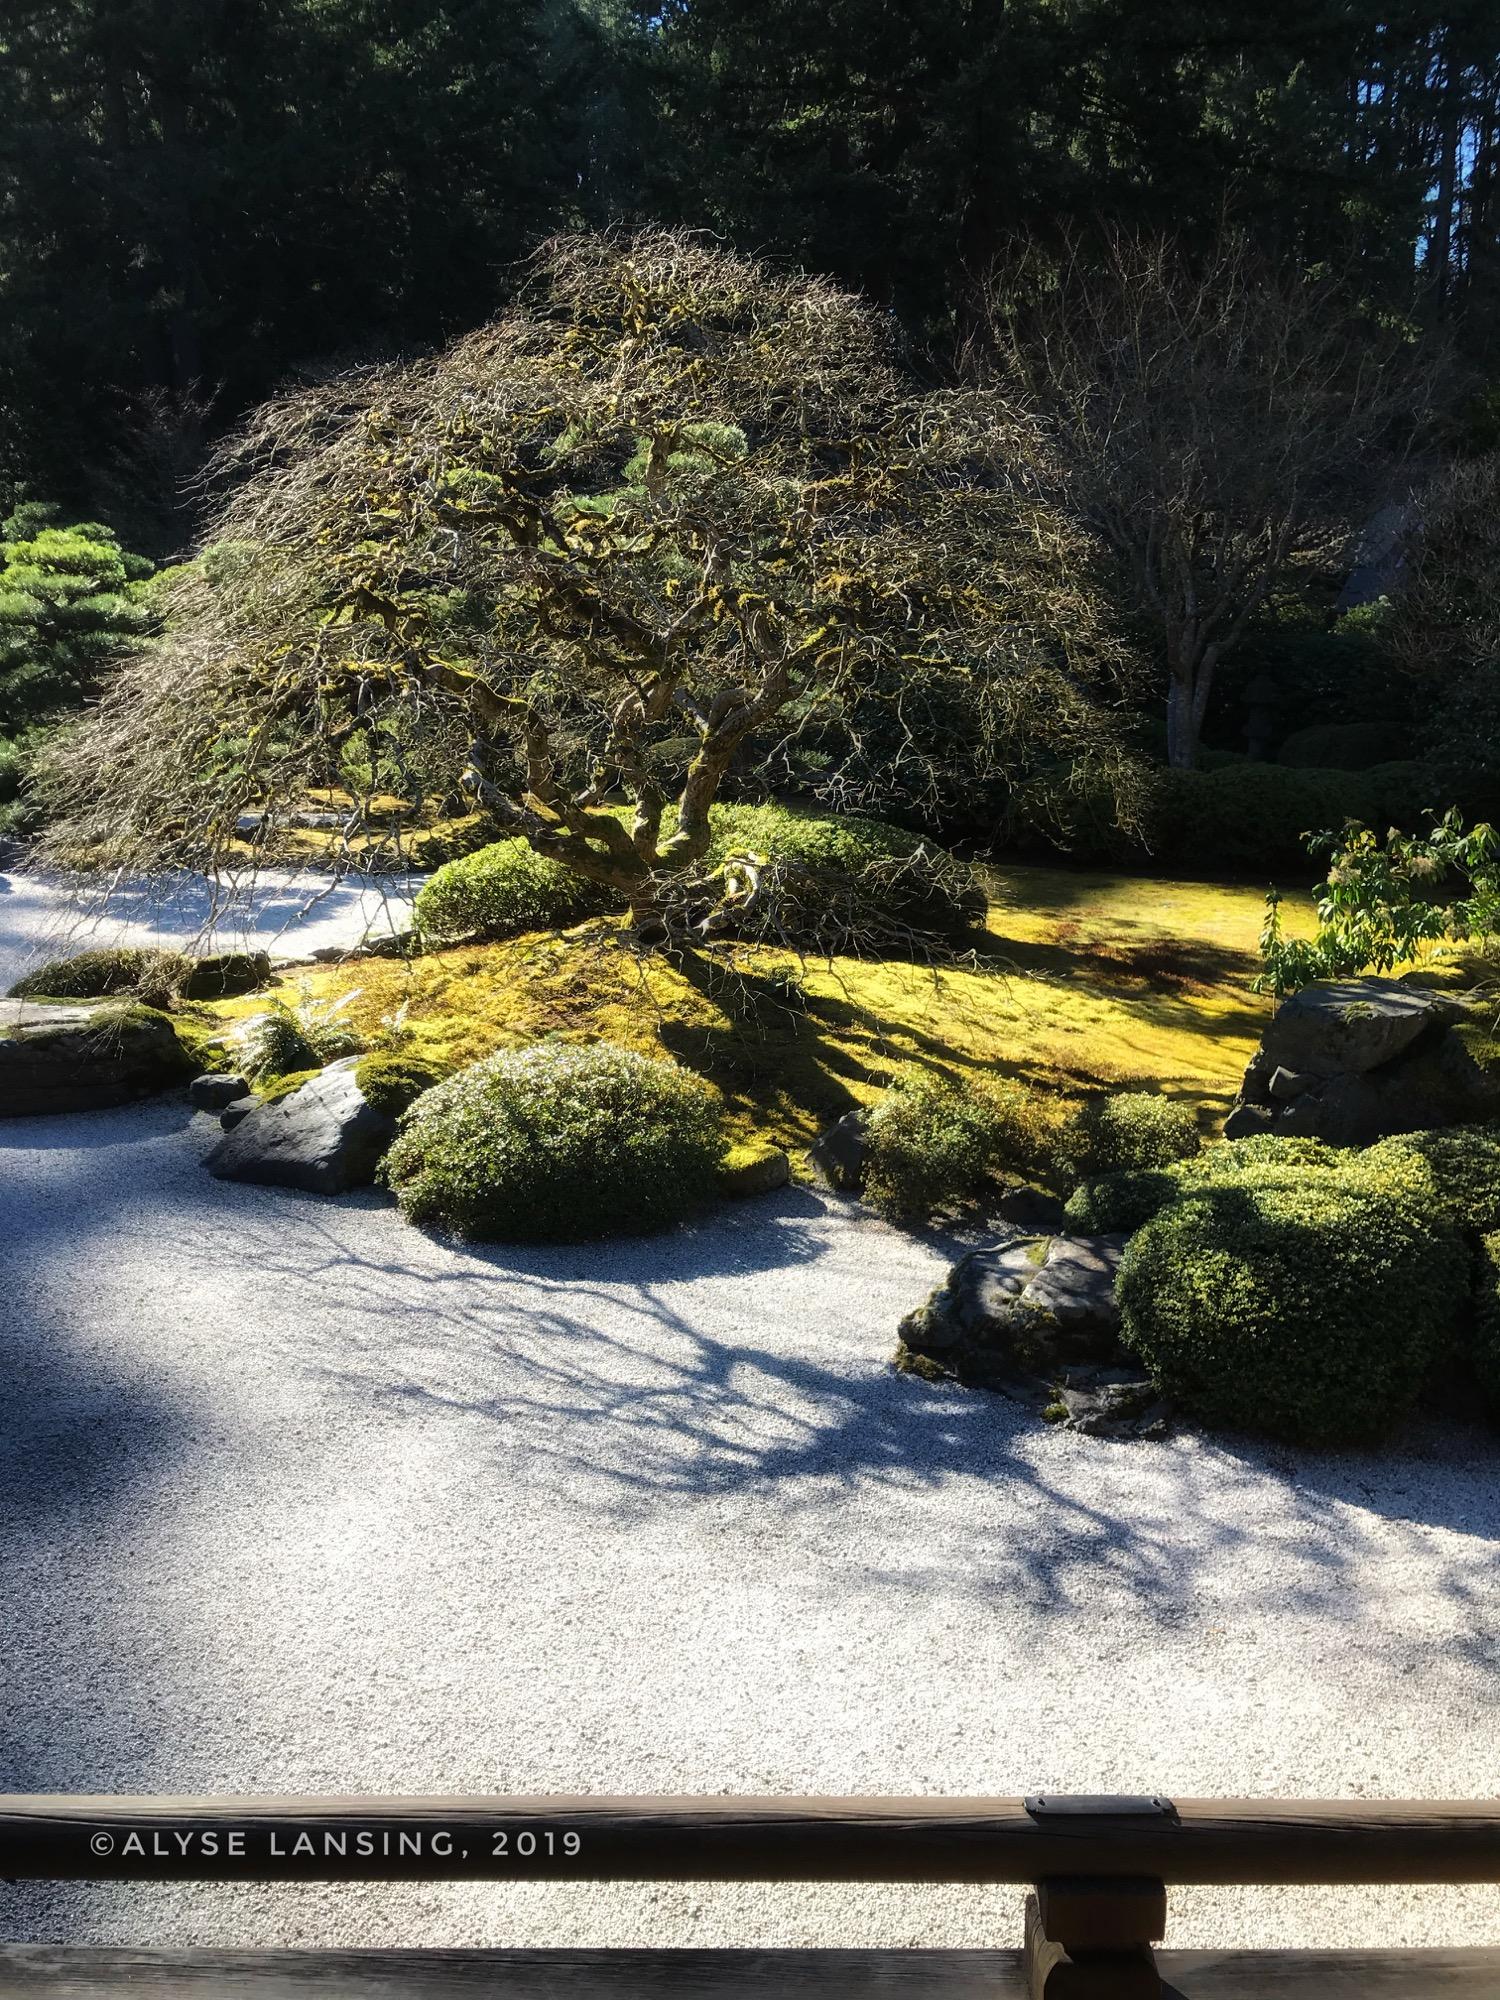 AlyseLansing_JapaneseGardenShadows2019-03-04.jpg